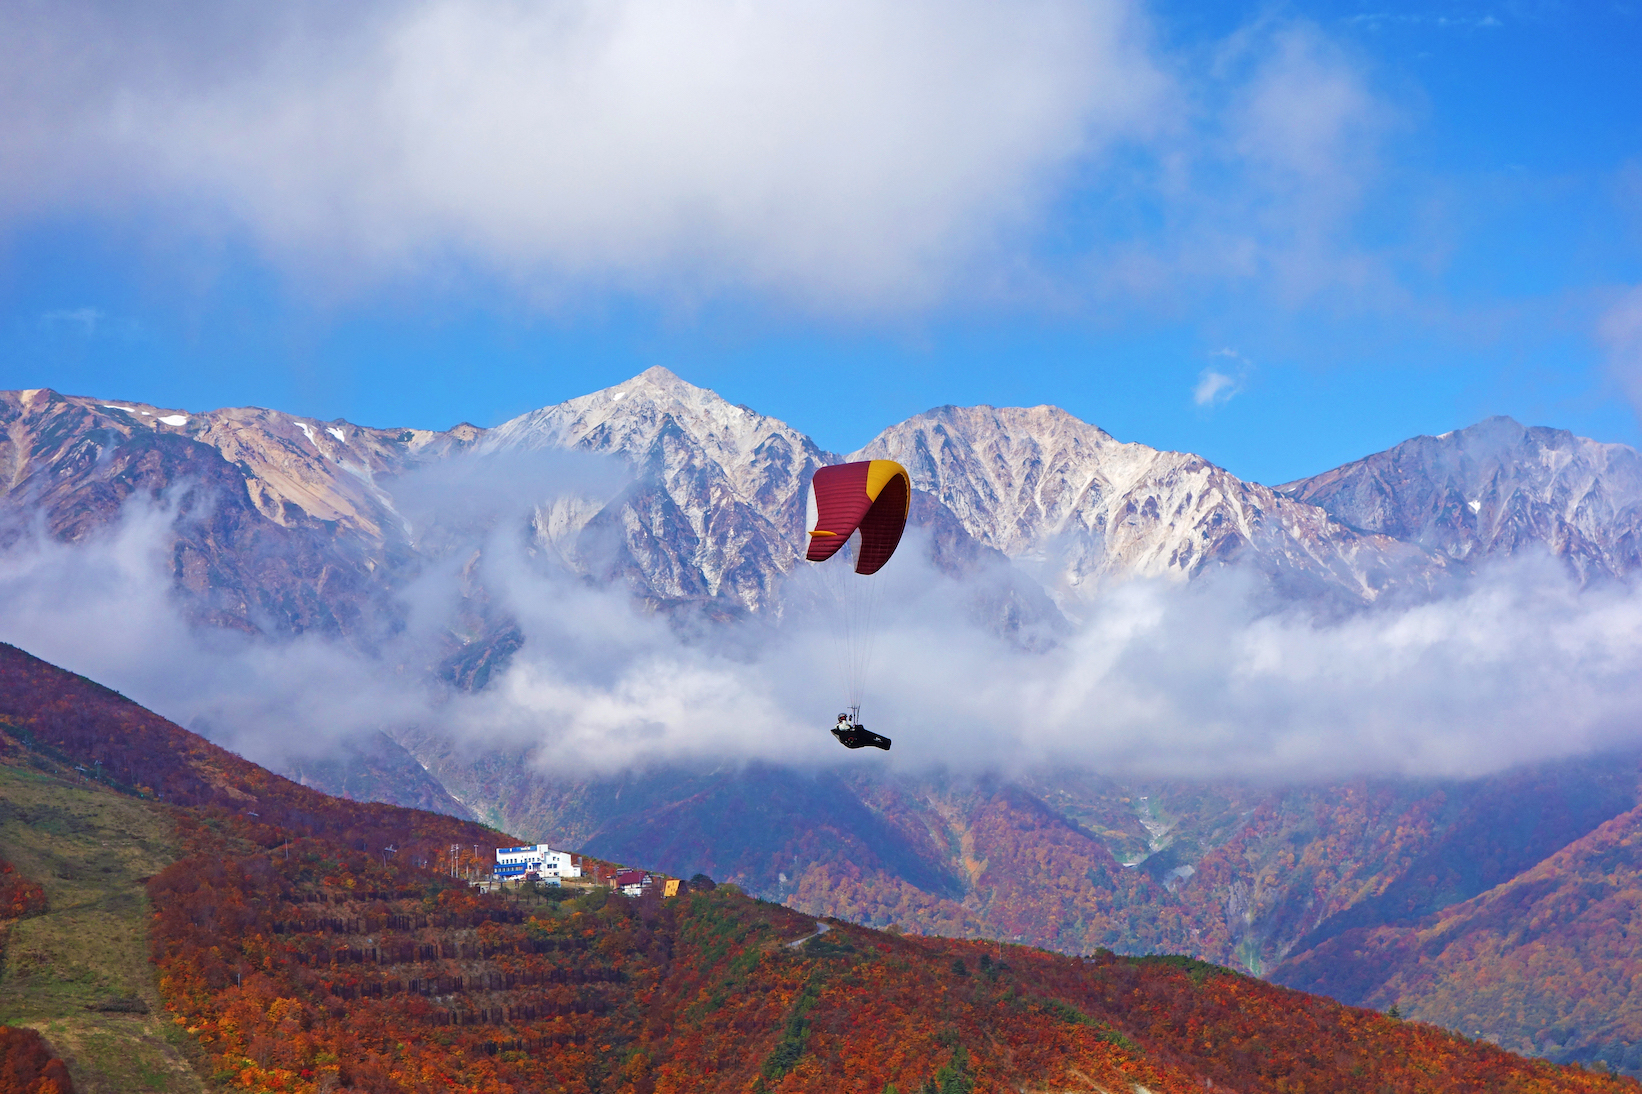 秋キャンプで空中散歩!?北アルプスの色づく紅葉なら「白馬」のキャンプ場しかない!